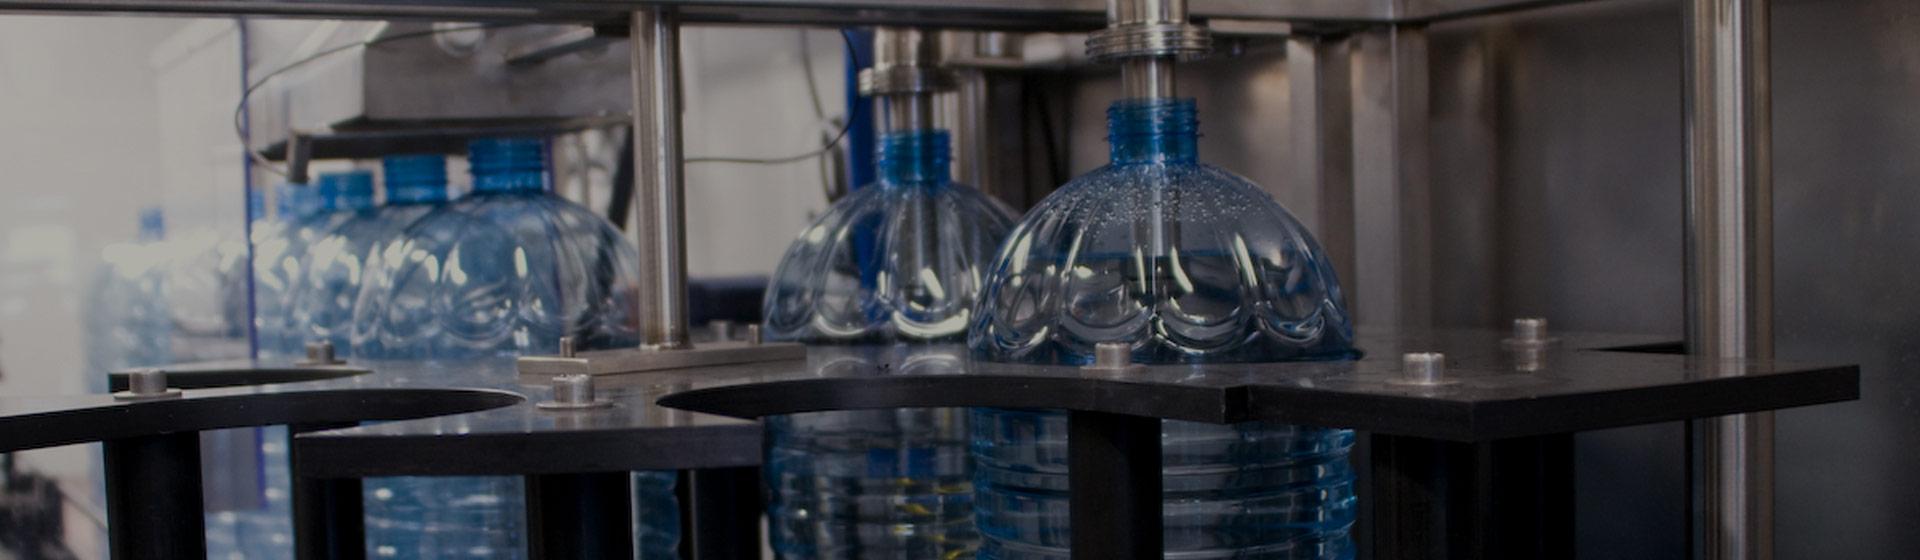 PET bottling lines